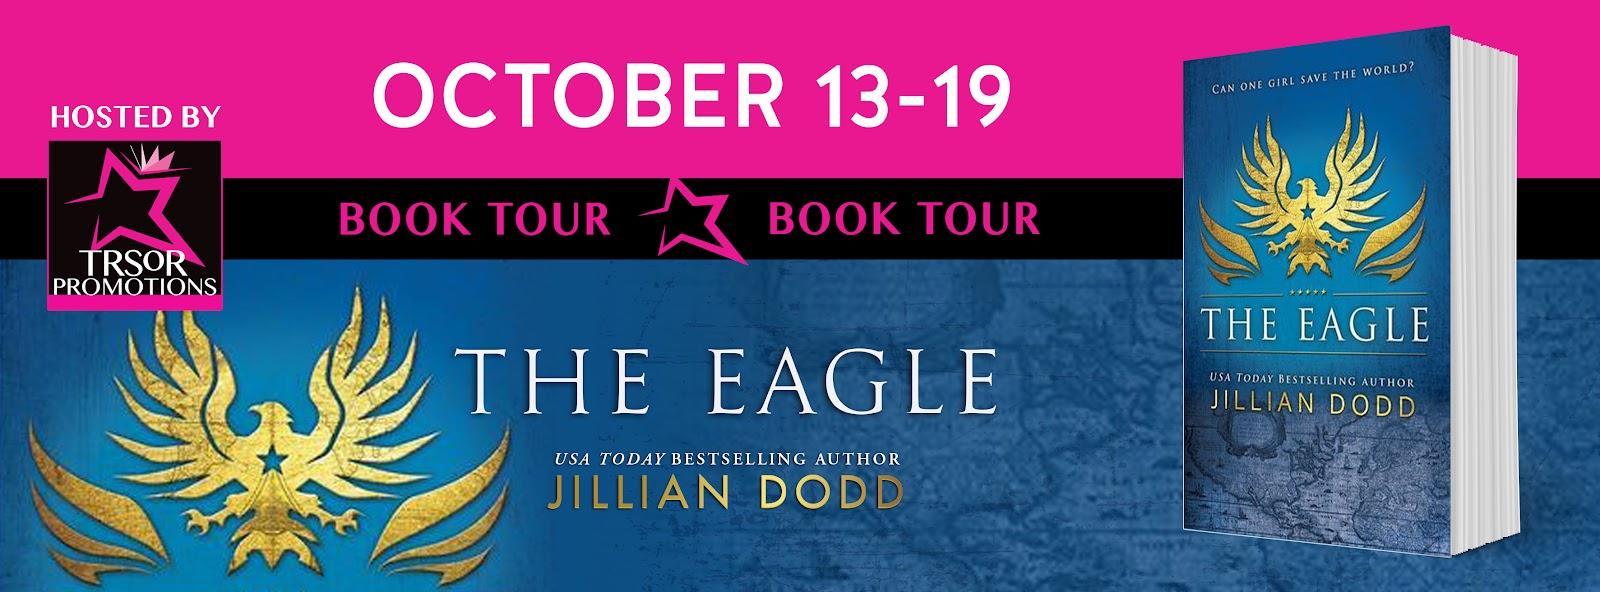 EAGLE_BOOK_TOUR.jpg